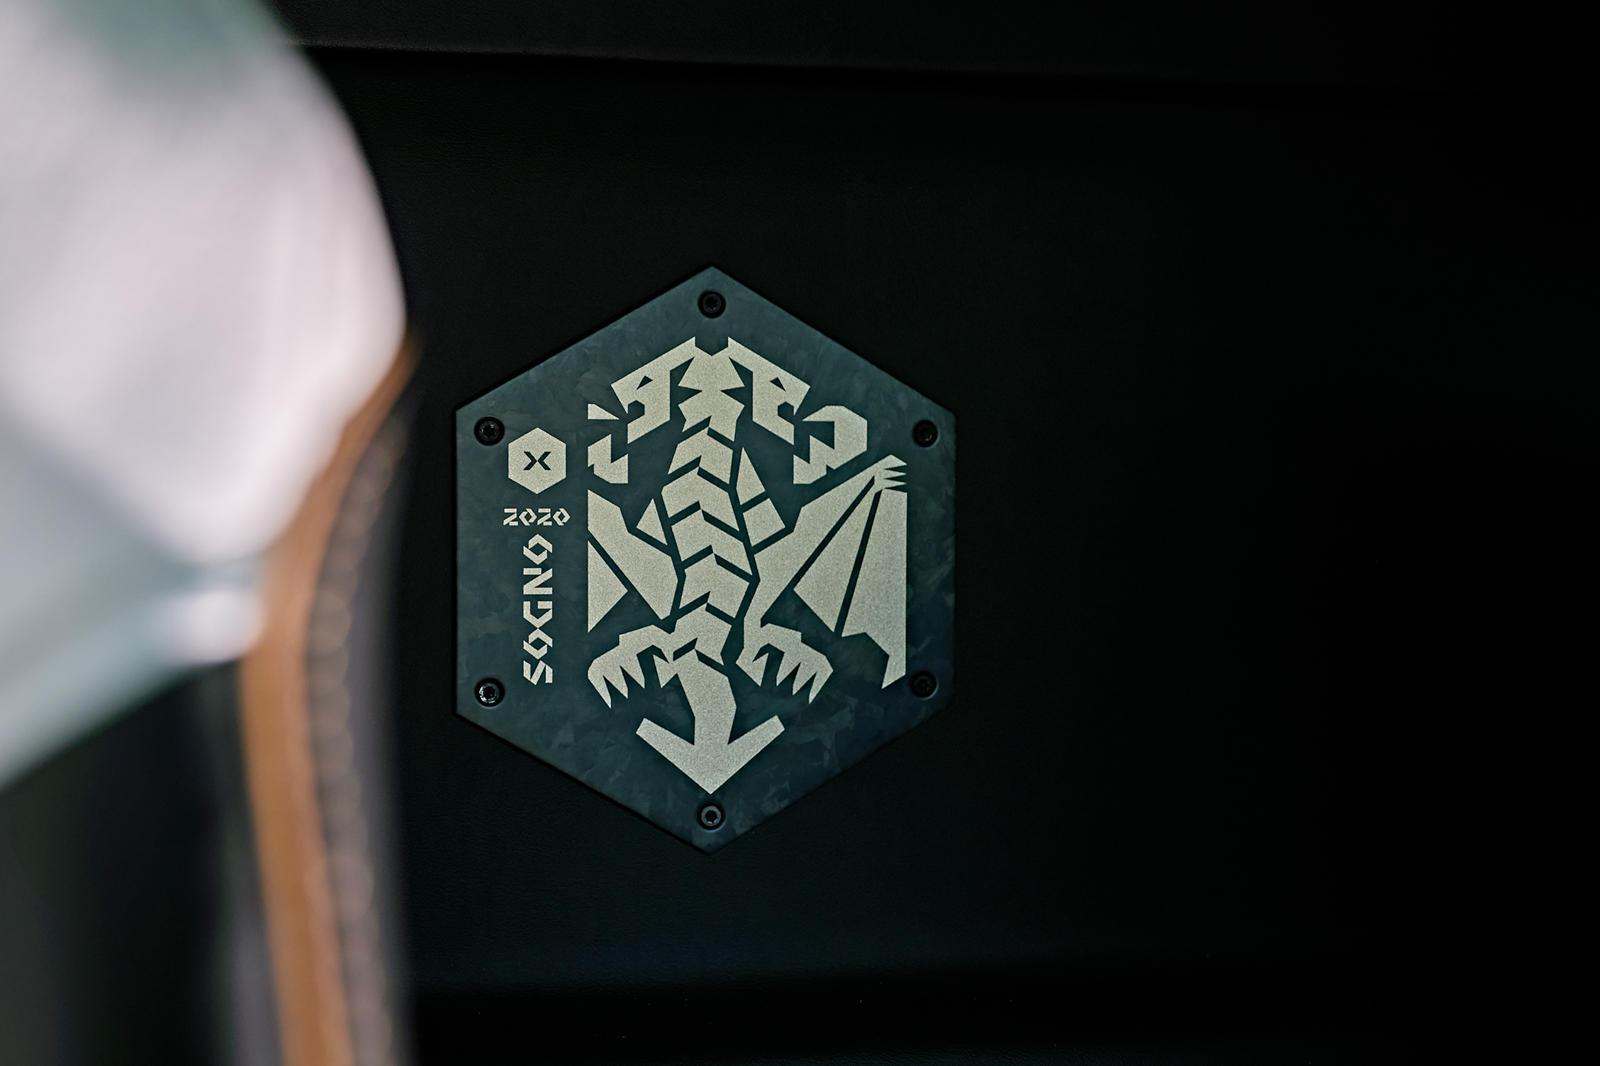 Sogno является наиболее характерным и имеет внешний вид Blu Symi (голубой) с акцентами Oro Elios (золото). Внутри этот автомобиль отличается белыми вставками, черной отделкой и золотой строчкой.